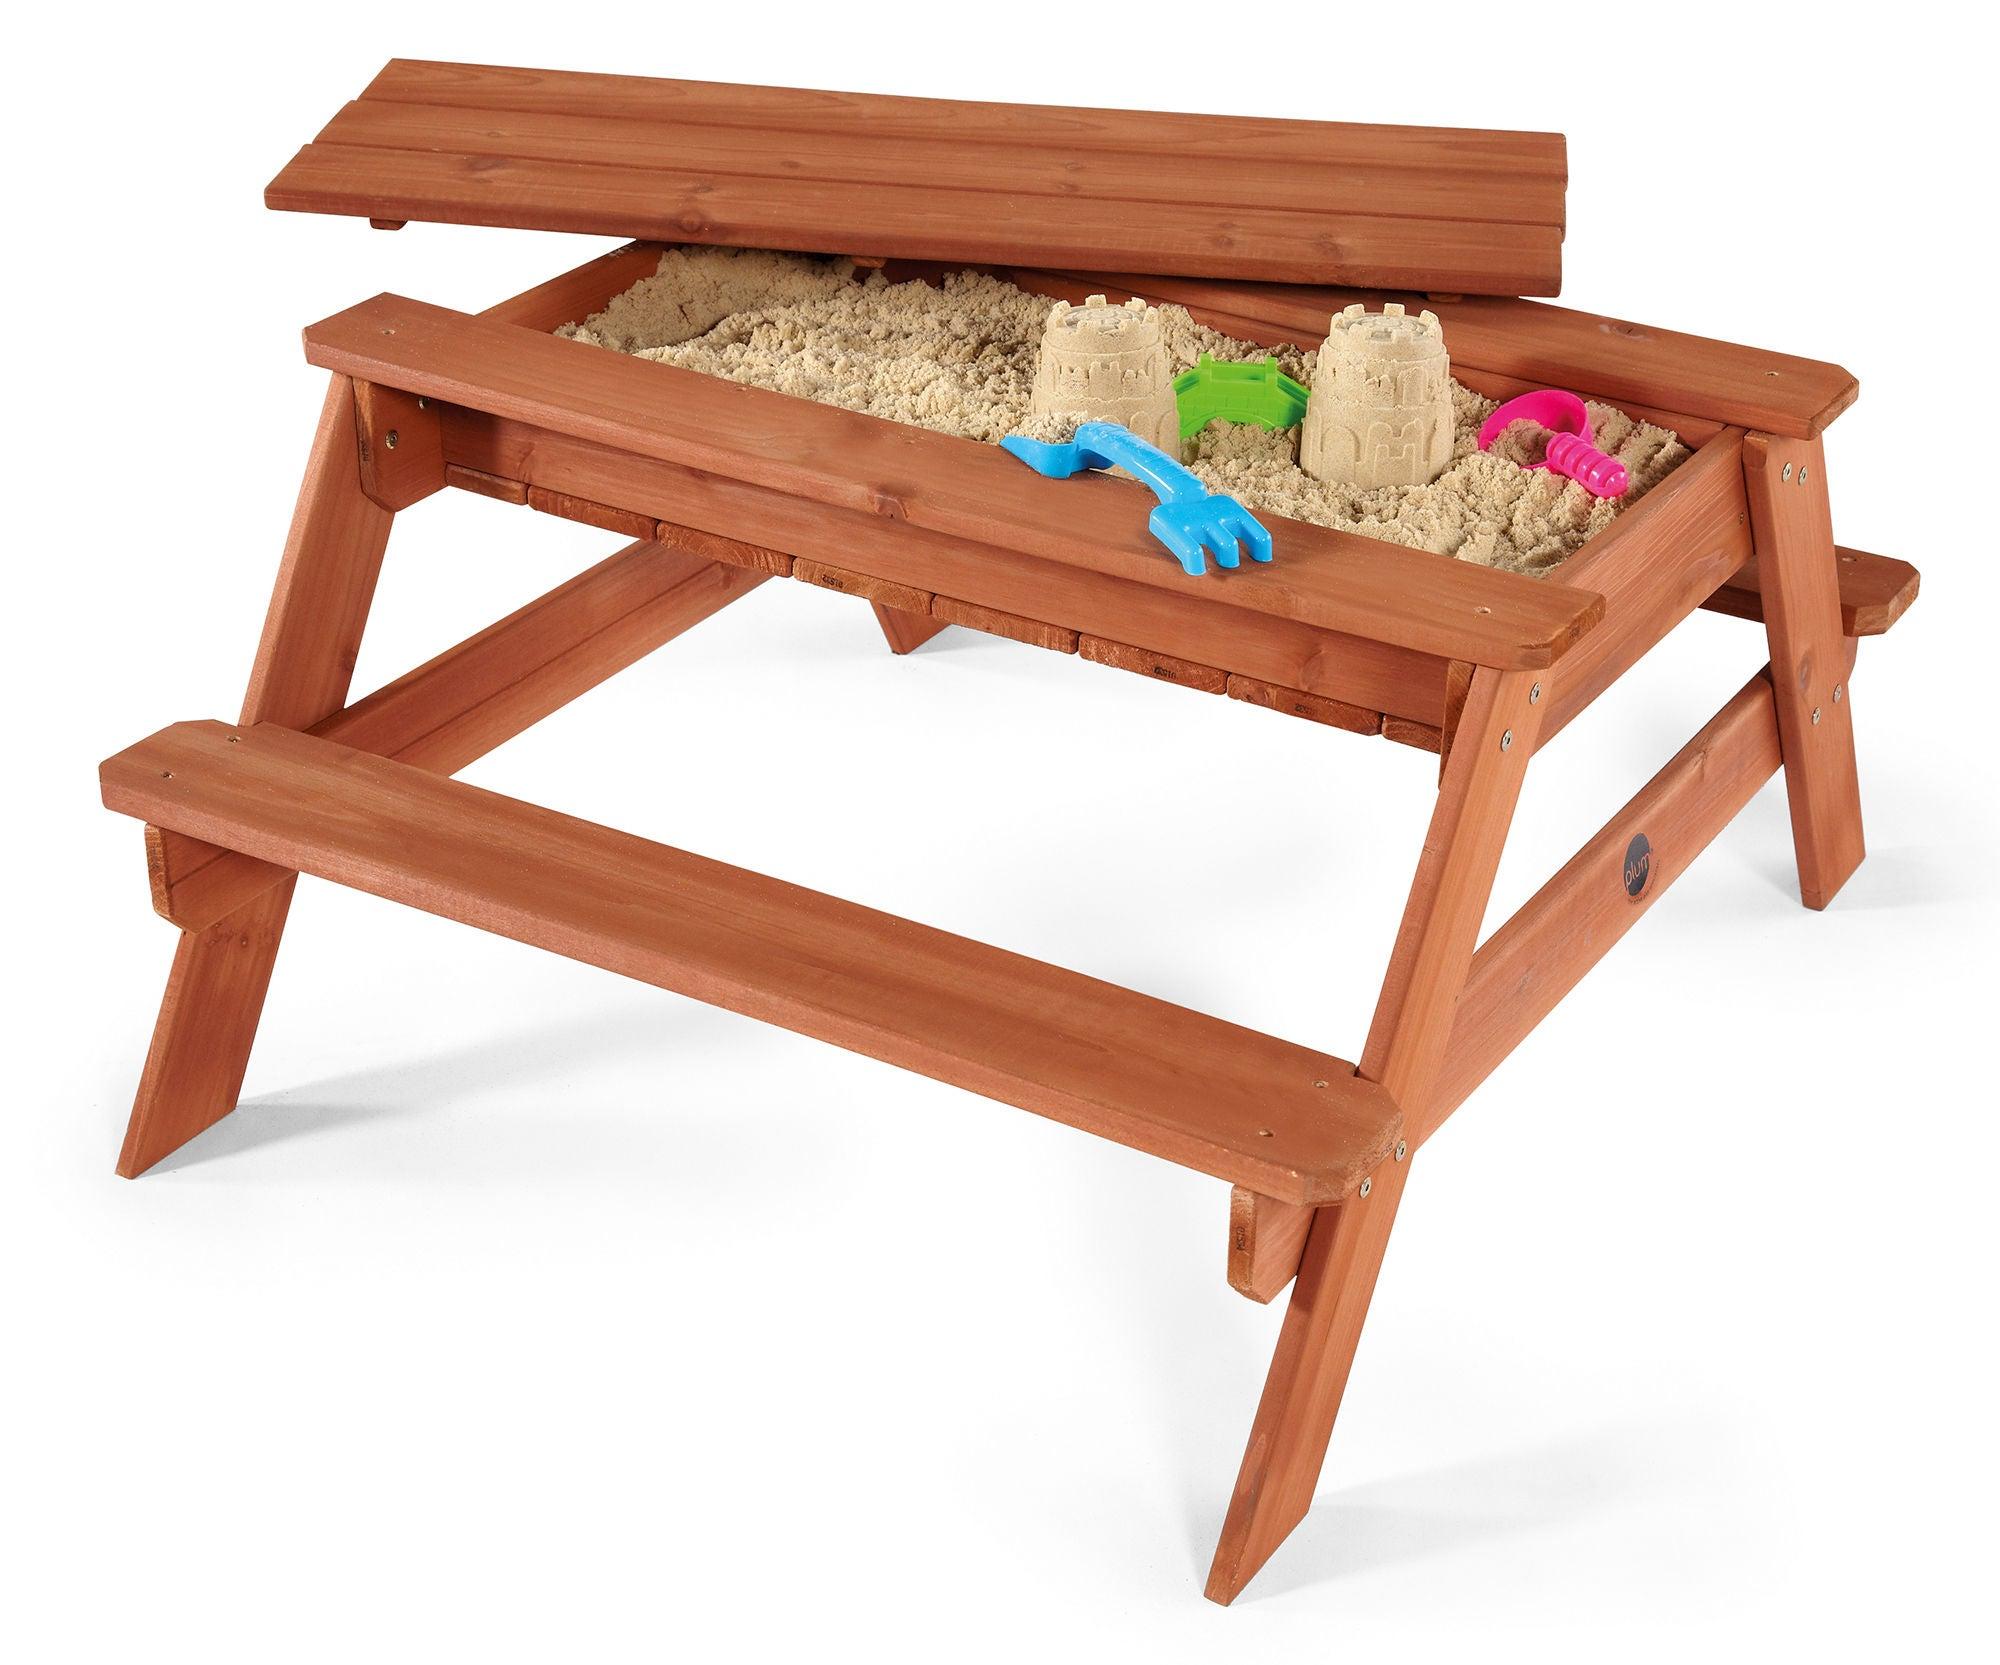 Plum Sandlåda Och Picknickbord